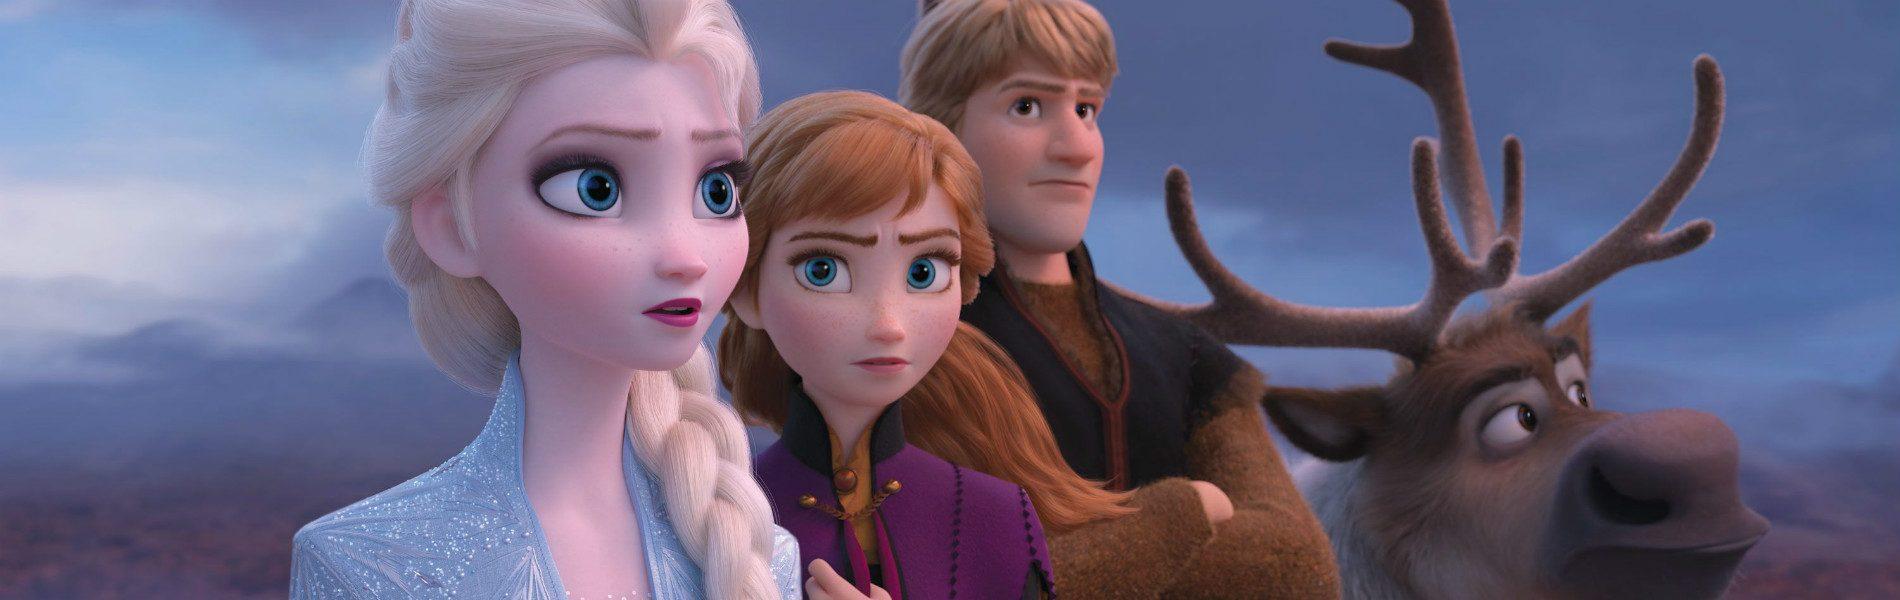 Jégvarázs 2 (Frozen 2, 2019) - Előzetes